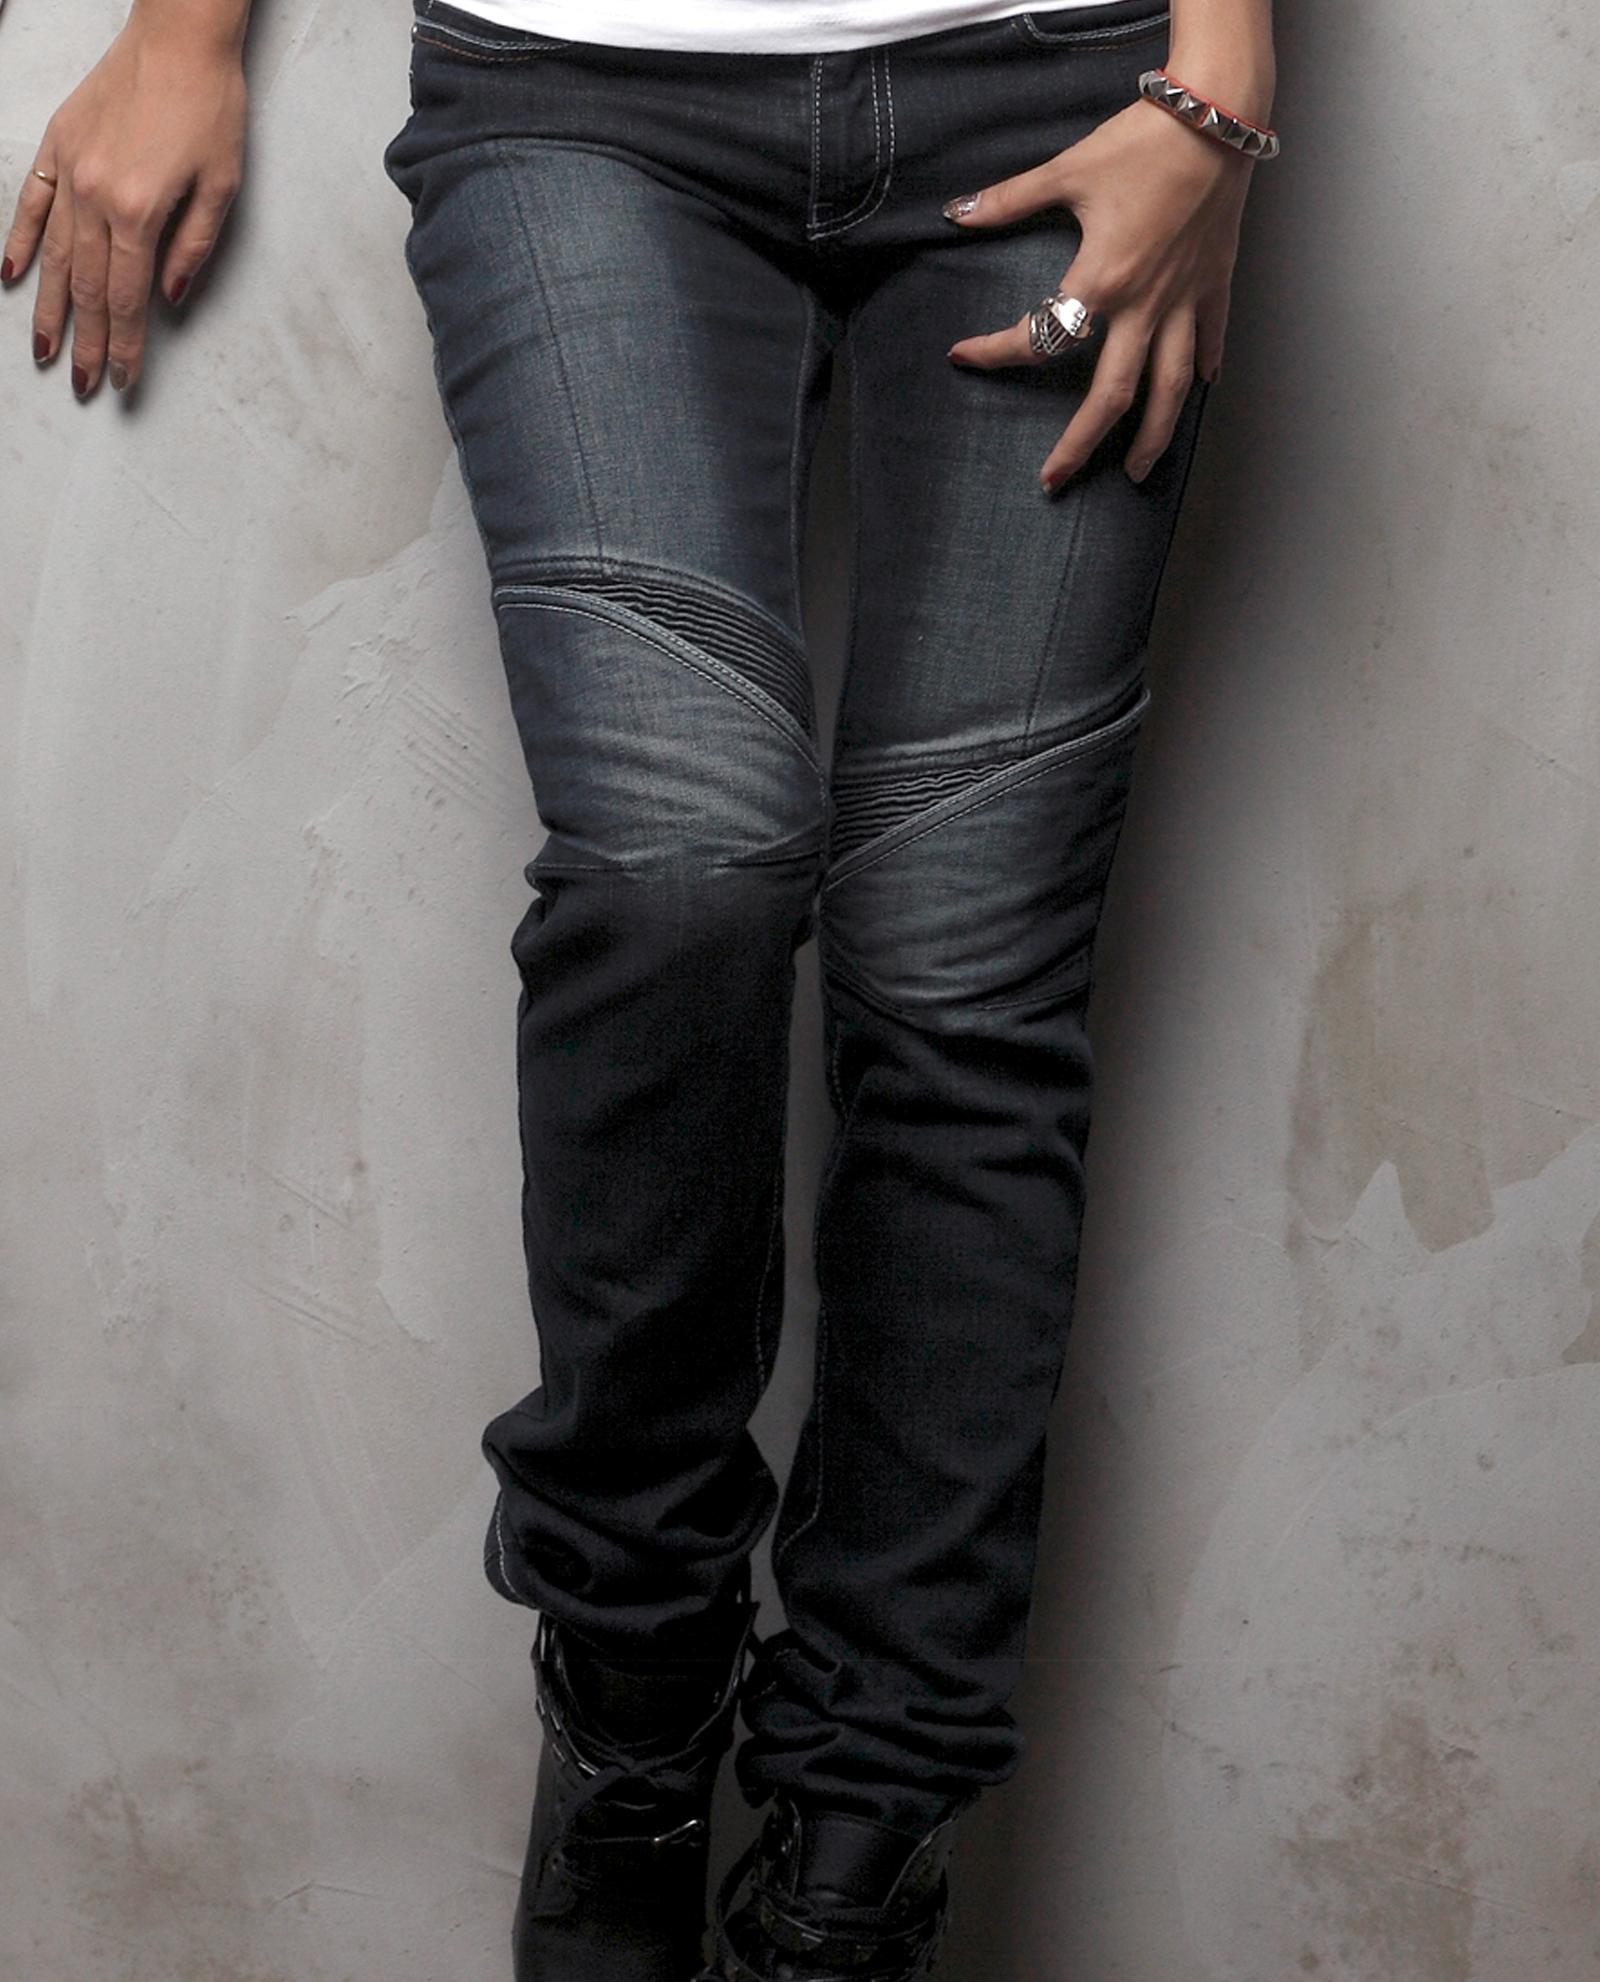 uglybros_aegis_k_womens_motorcycle_kevlar_jeans